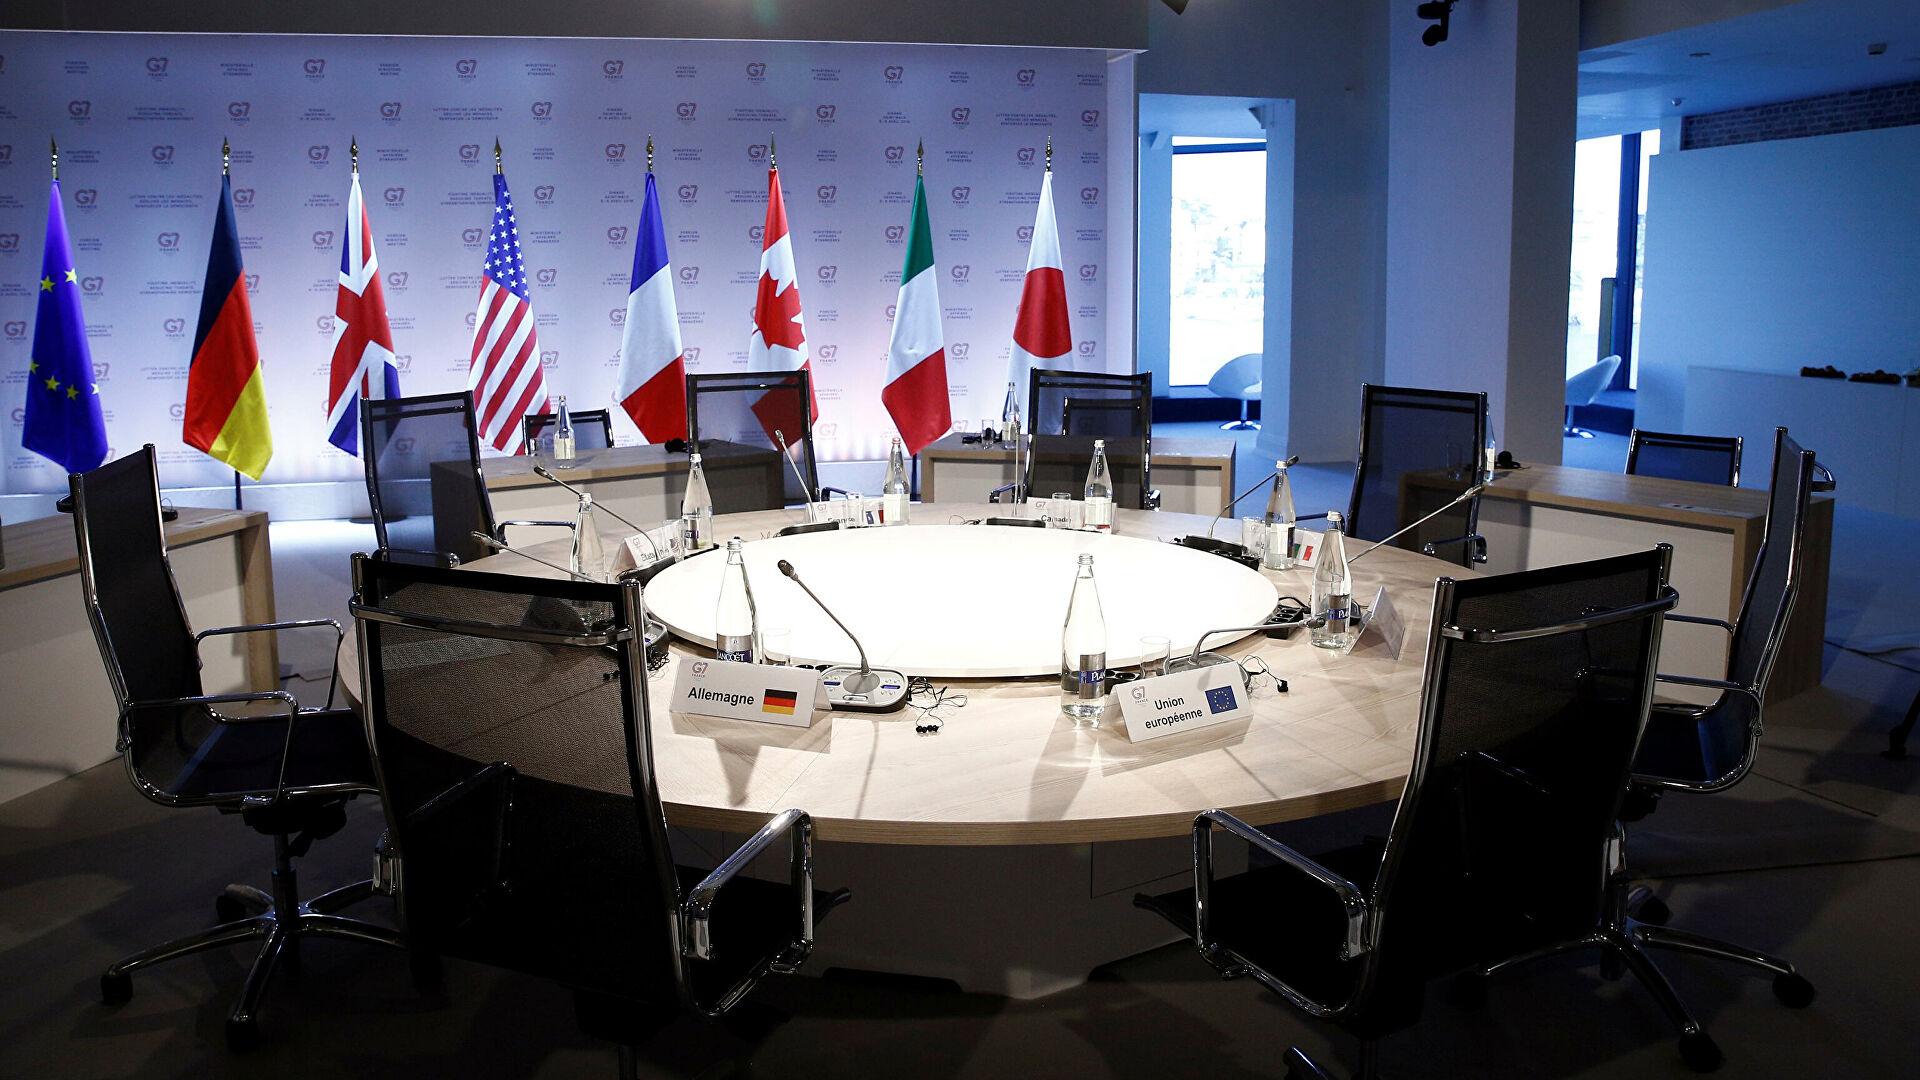 Саммит G7 пройдет в Англии 11-13 июня - РИА Новости, 17.01.2021